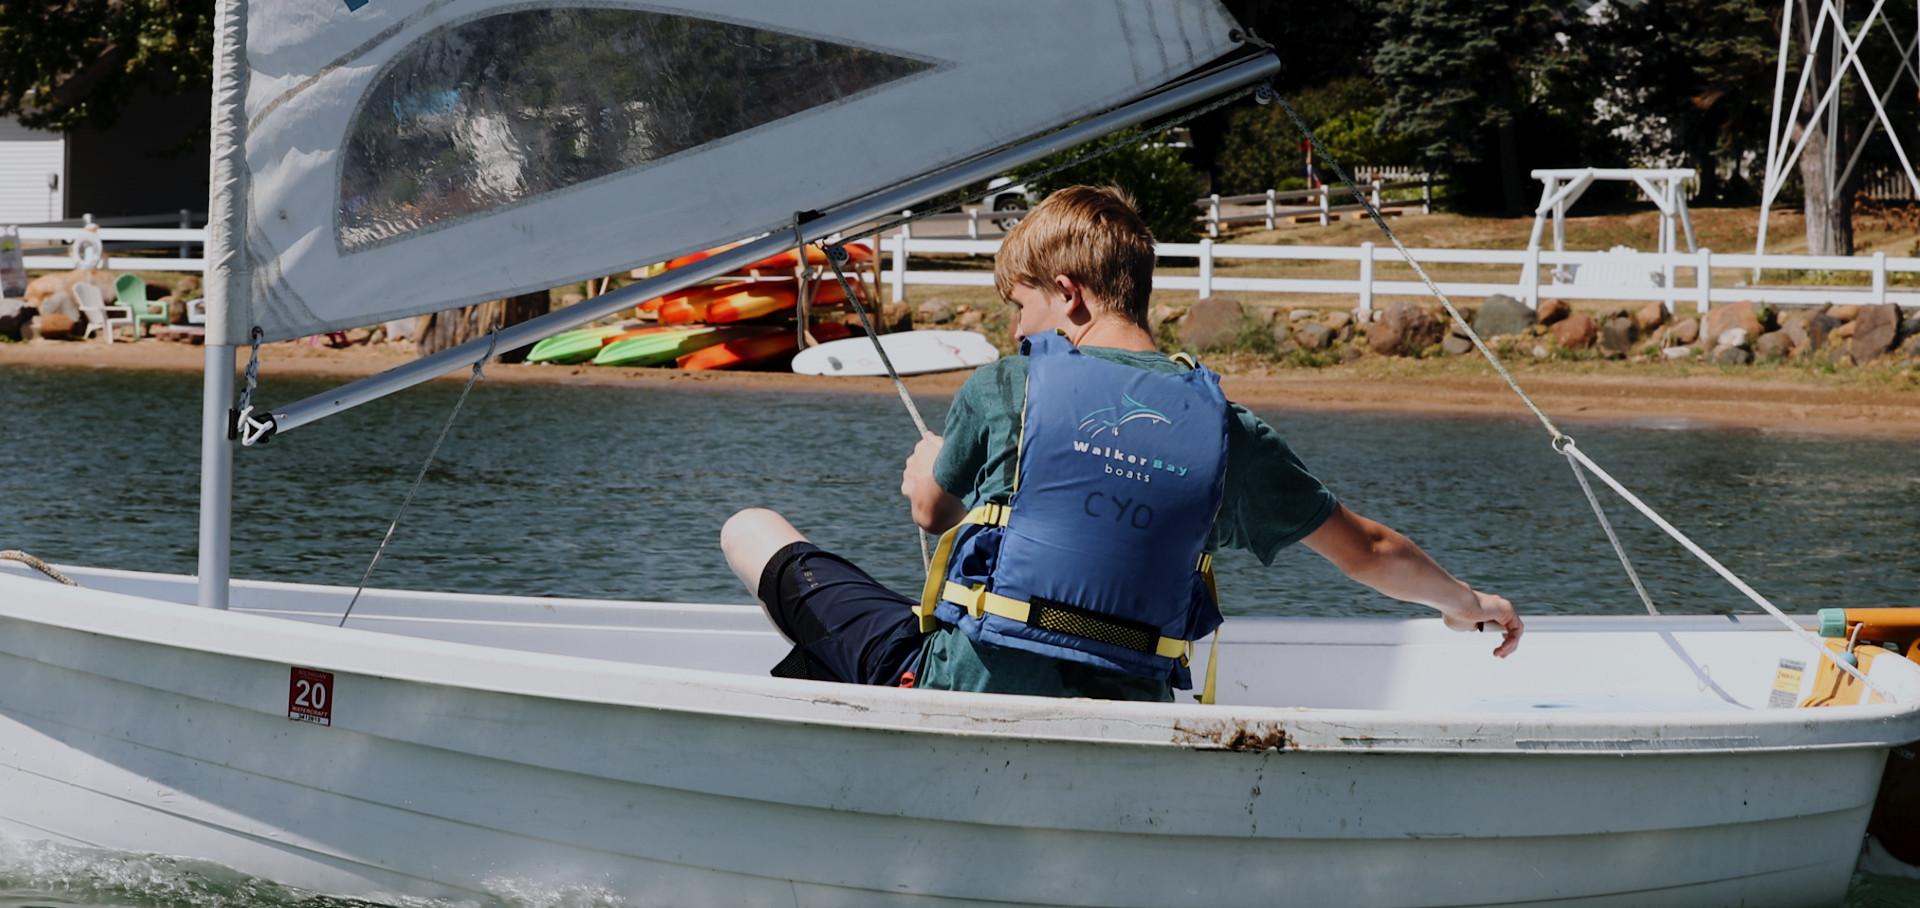 Civillian Sailing.00_00_42_21.Still003.j